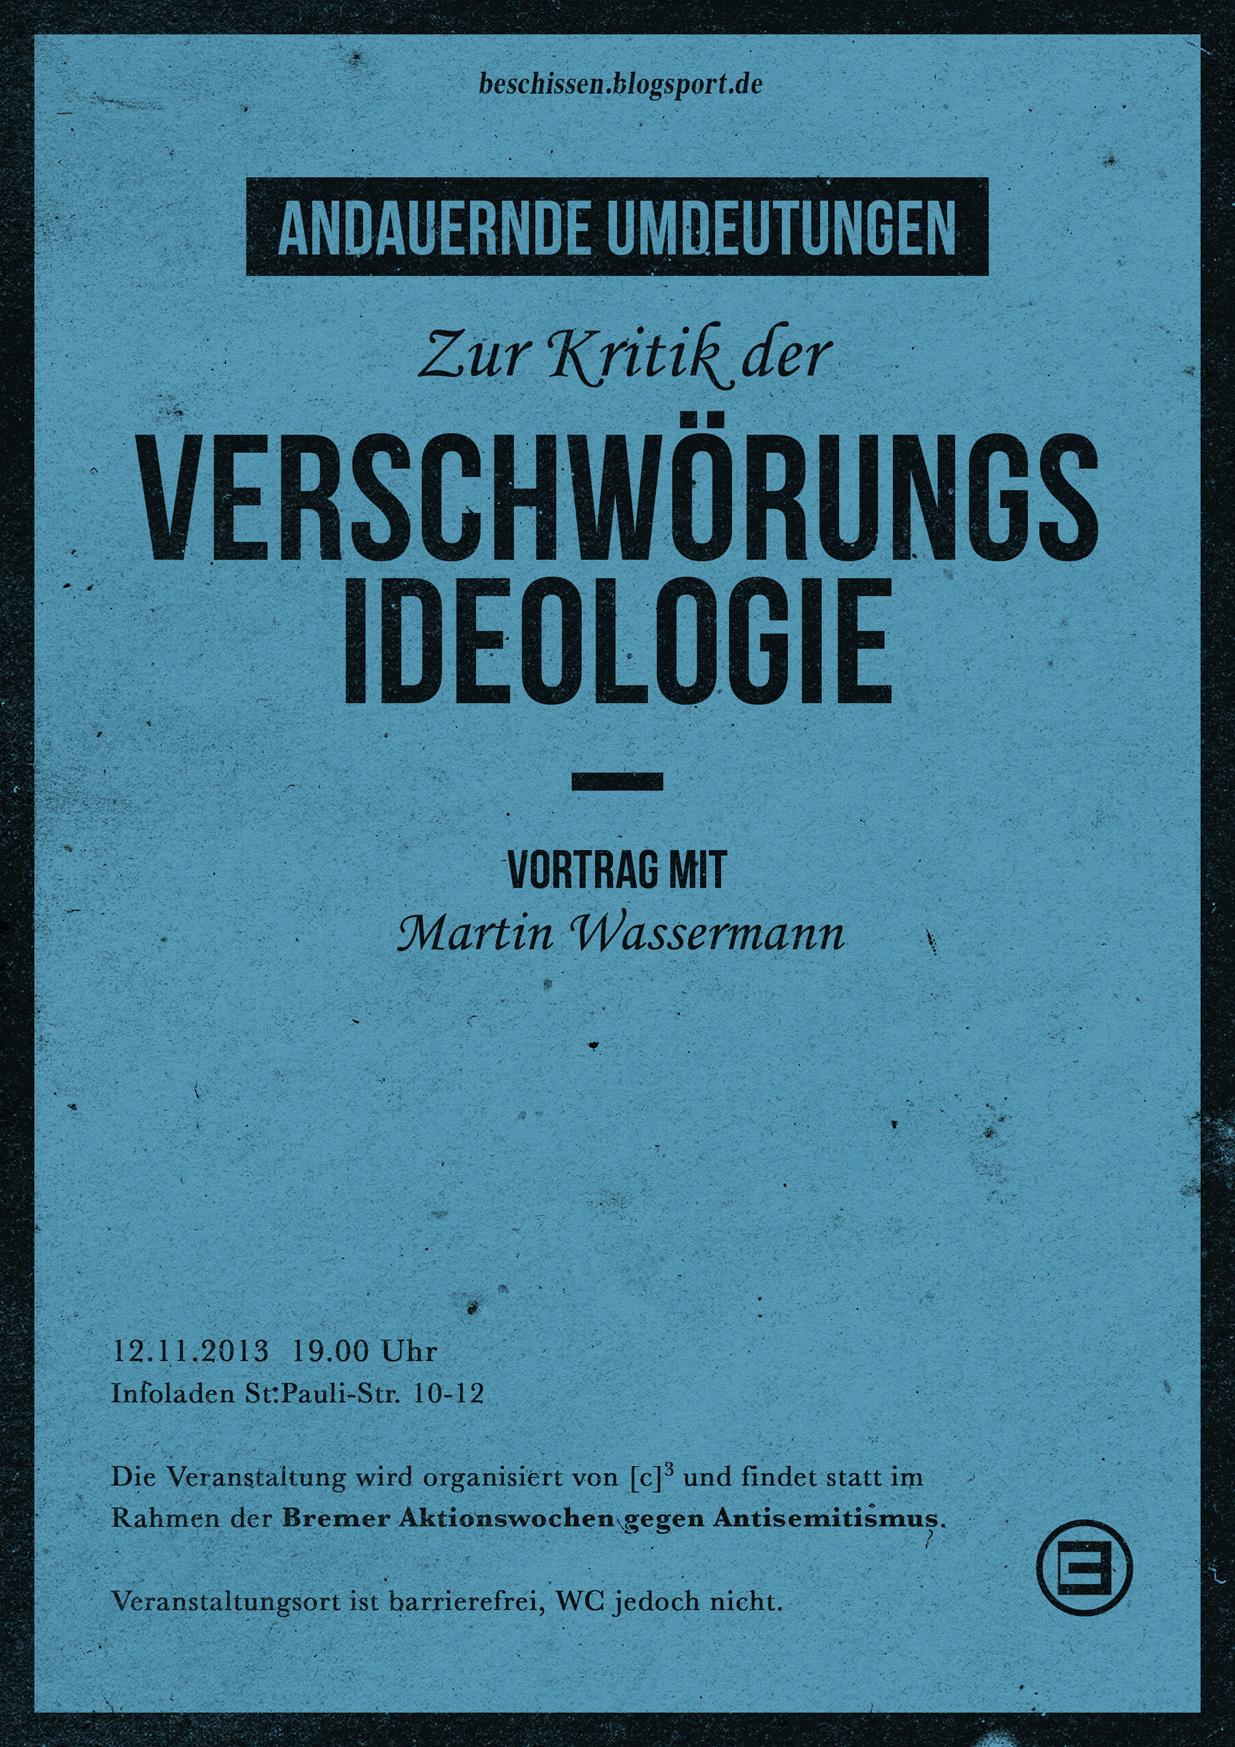 Martin Wassermann - Verschwörungsideologie